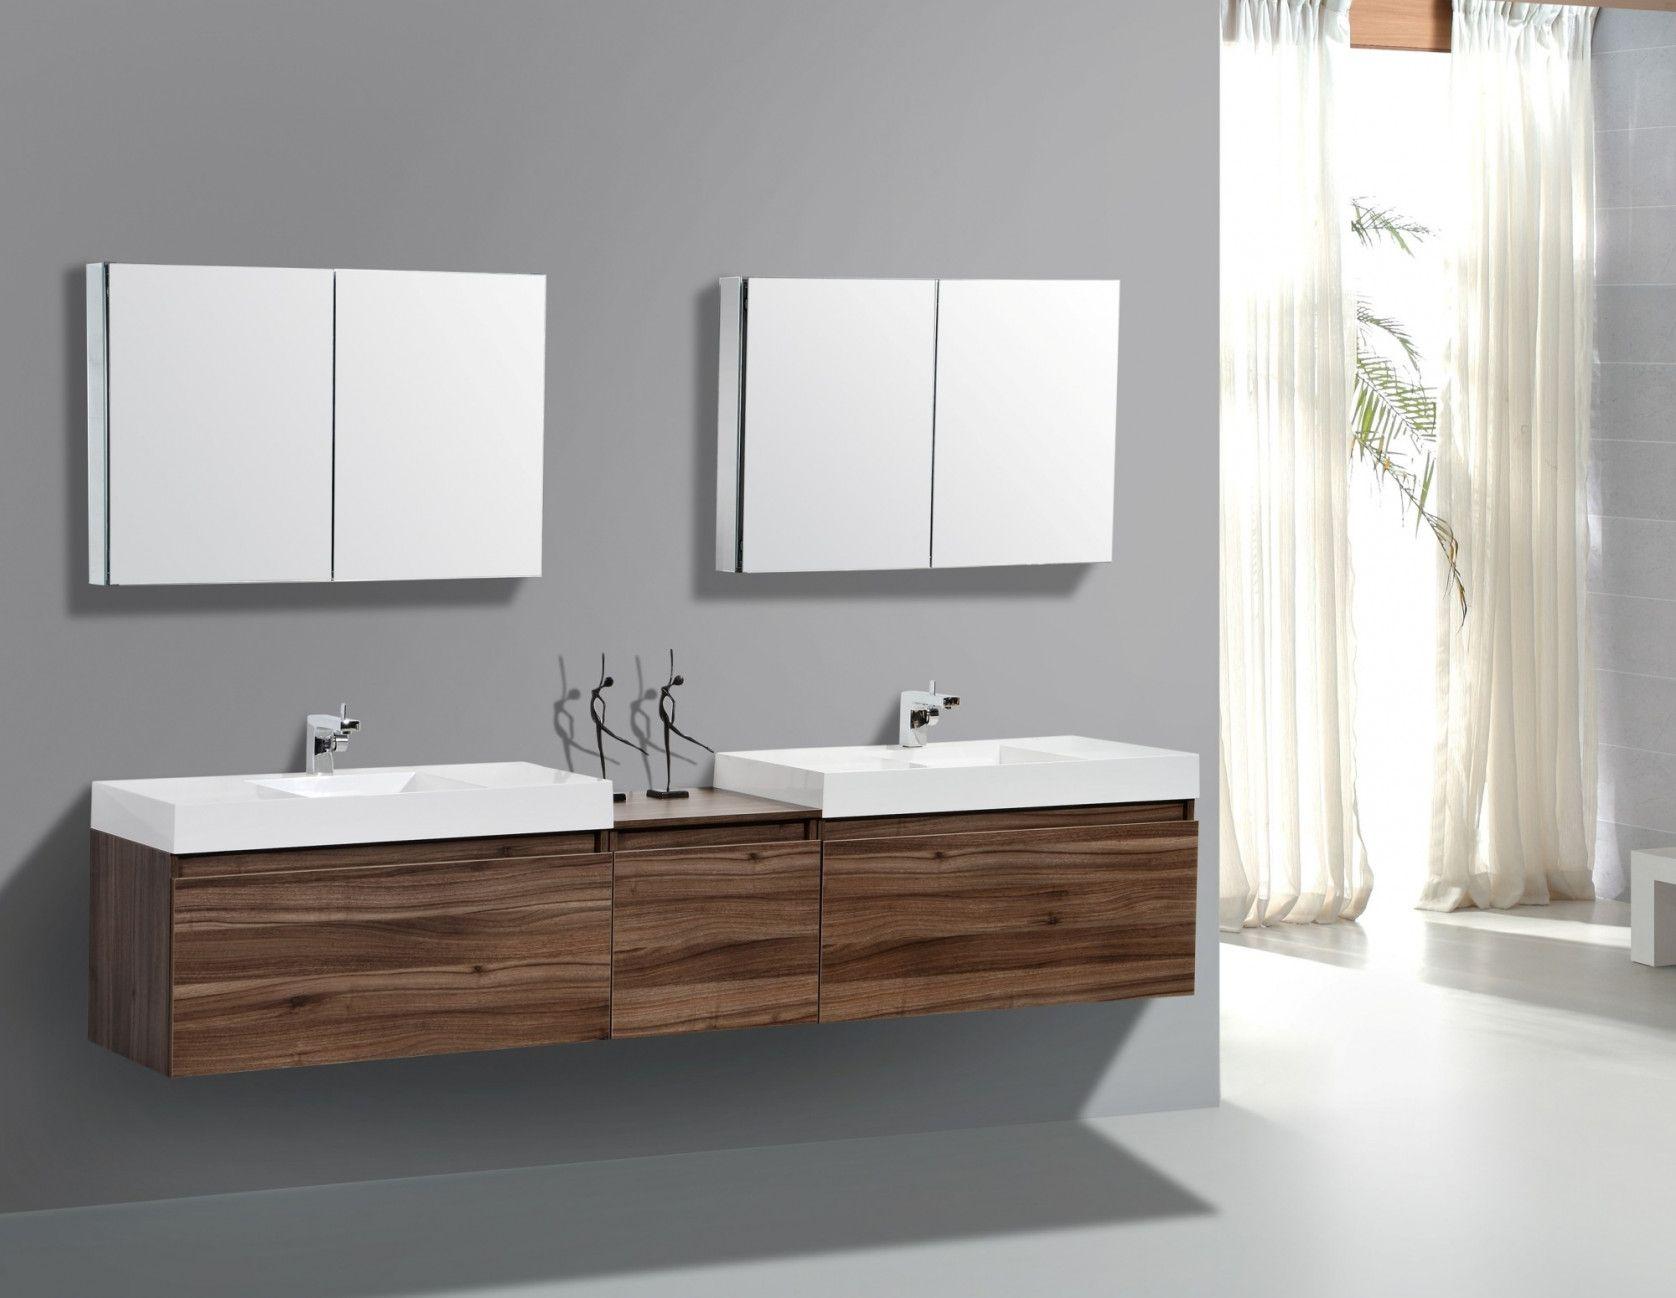 77+ Contemporary Bathroom Vanity Cabinets - Kitchen Design and ... on contemporary bathroom sink cabinets, contemporary bathroom storage cabinets, contemporary bathroom linen cabinets, contemporary bathroom medicine cabinets,